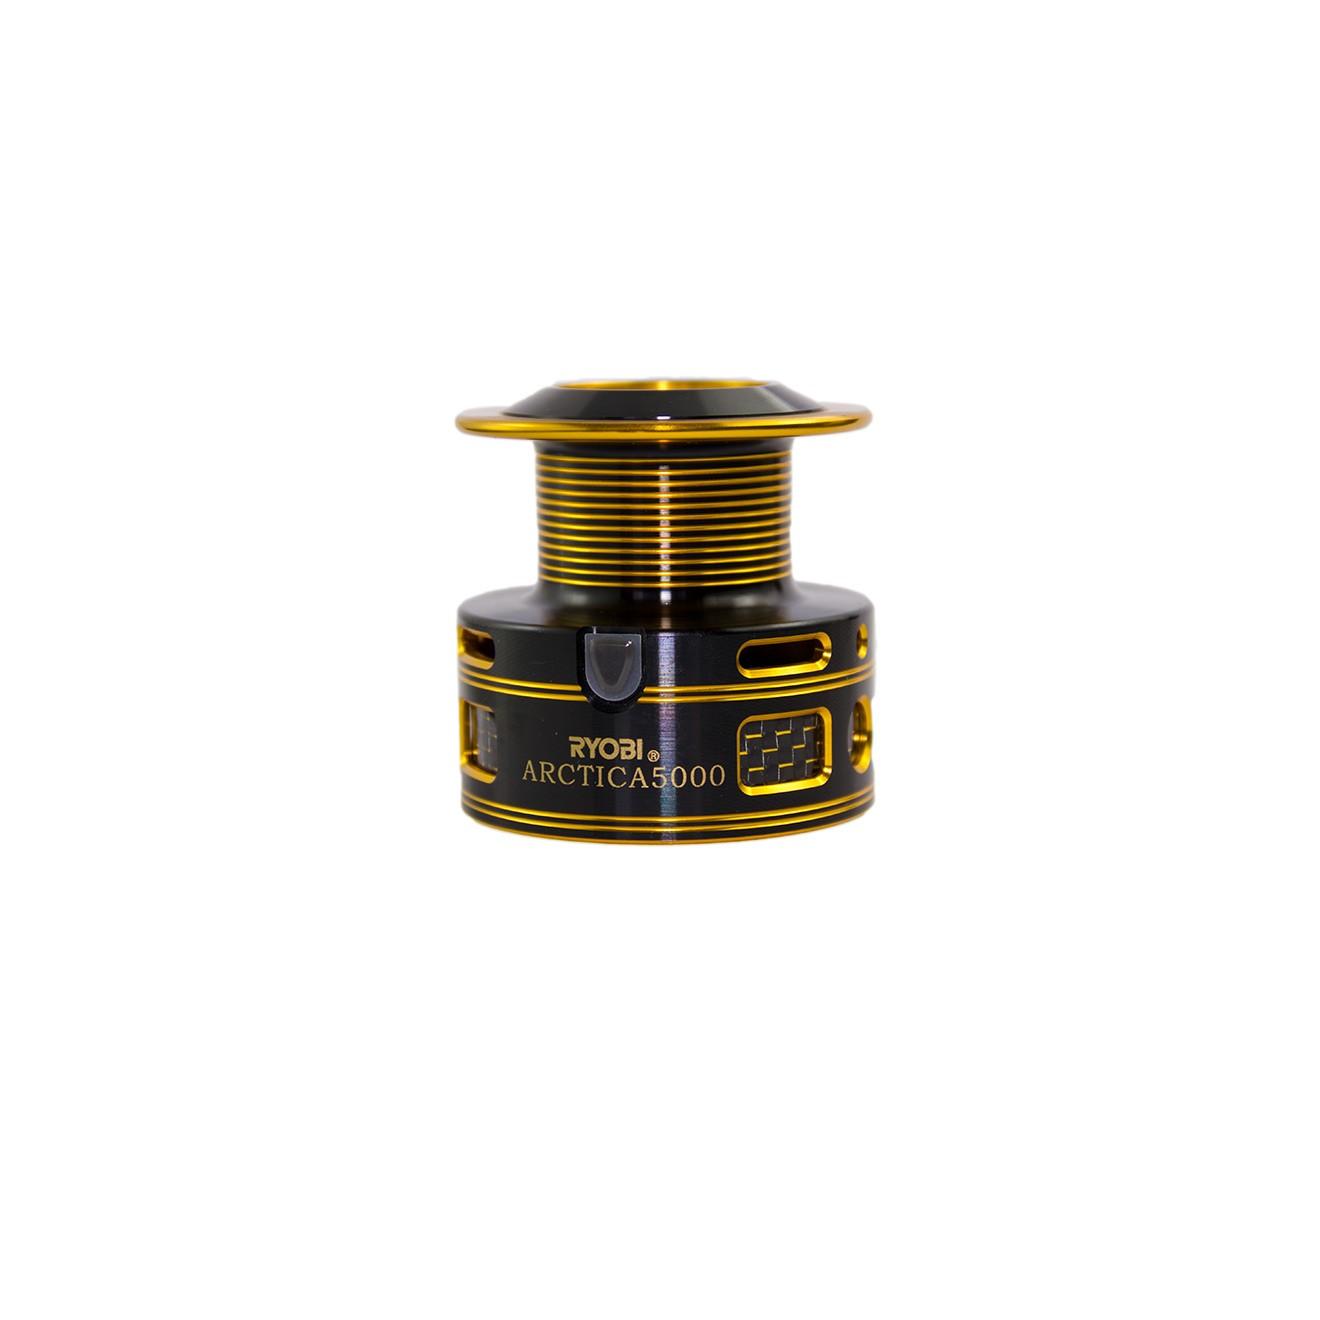 Größe 8 bis 18 GOLD ROT PROFI BLINKER Action Fastlock Wirbel xxx-strong 5 Stk